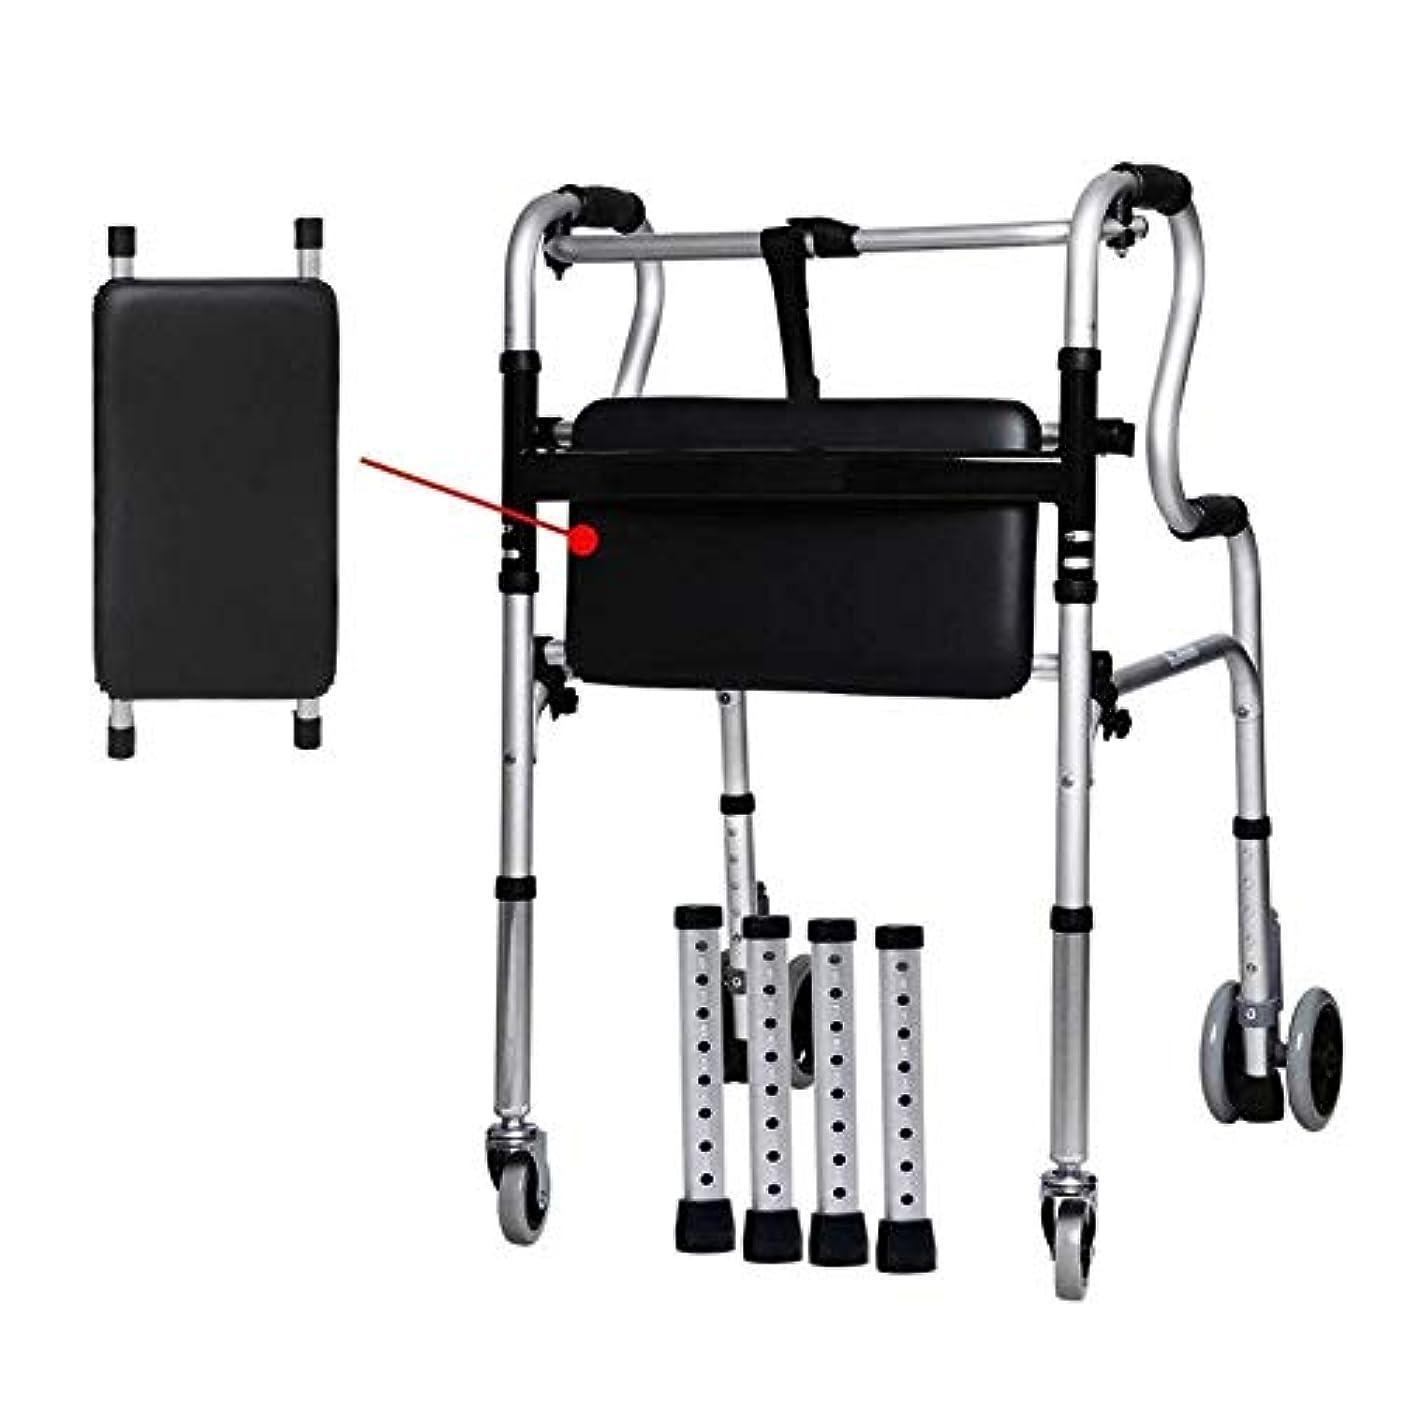 なくなる例必須車輪が付いている折る歩行者、不具の高齢者のためのロックできるブレーキが付いている軽いアルミ合金4輪歩行者